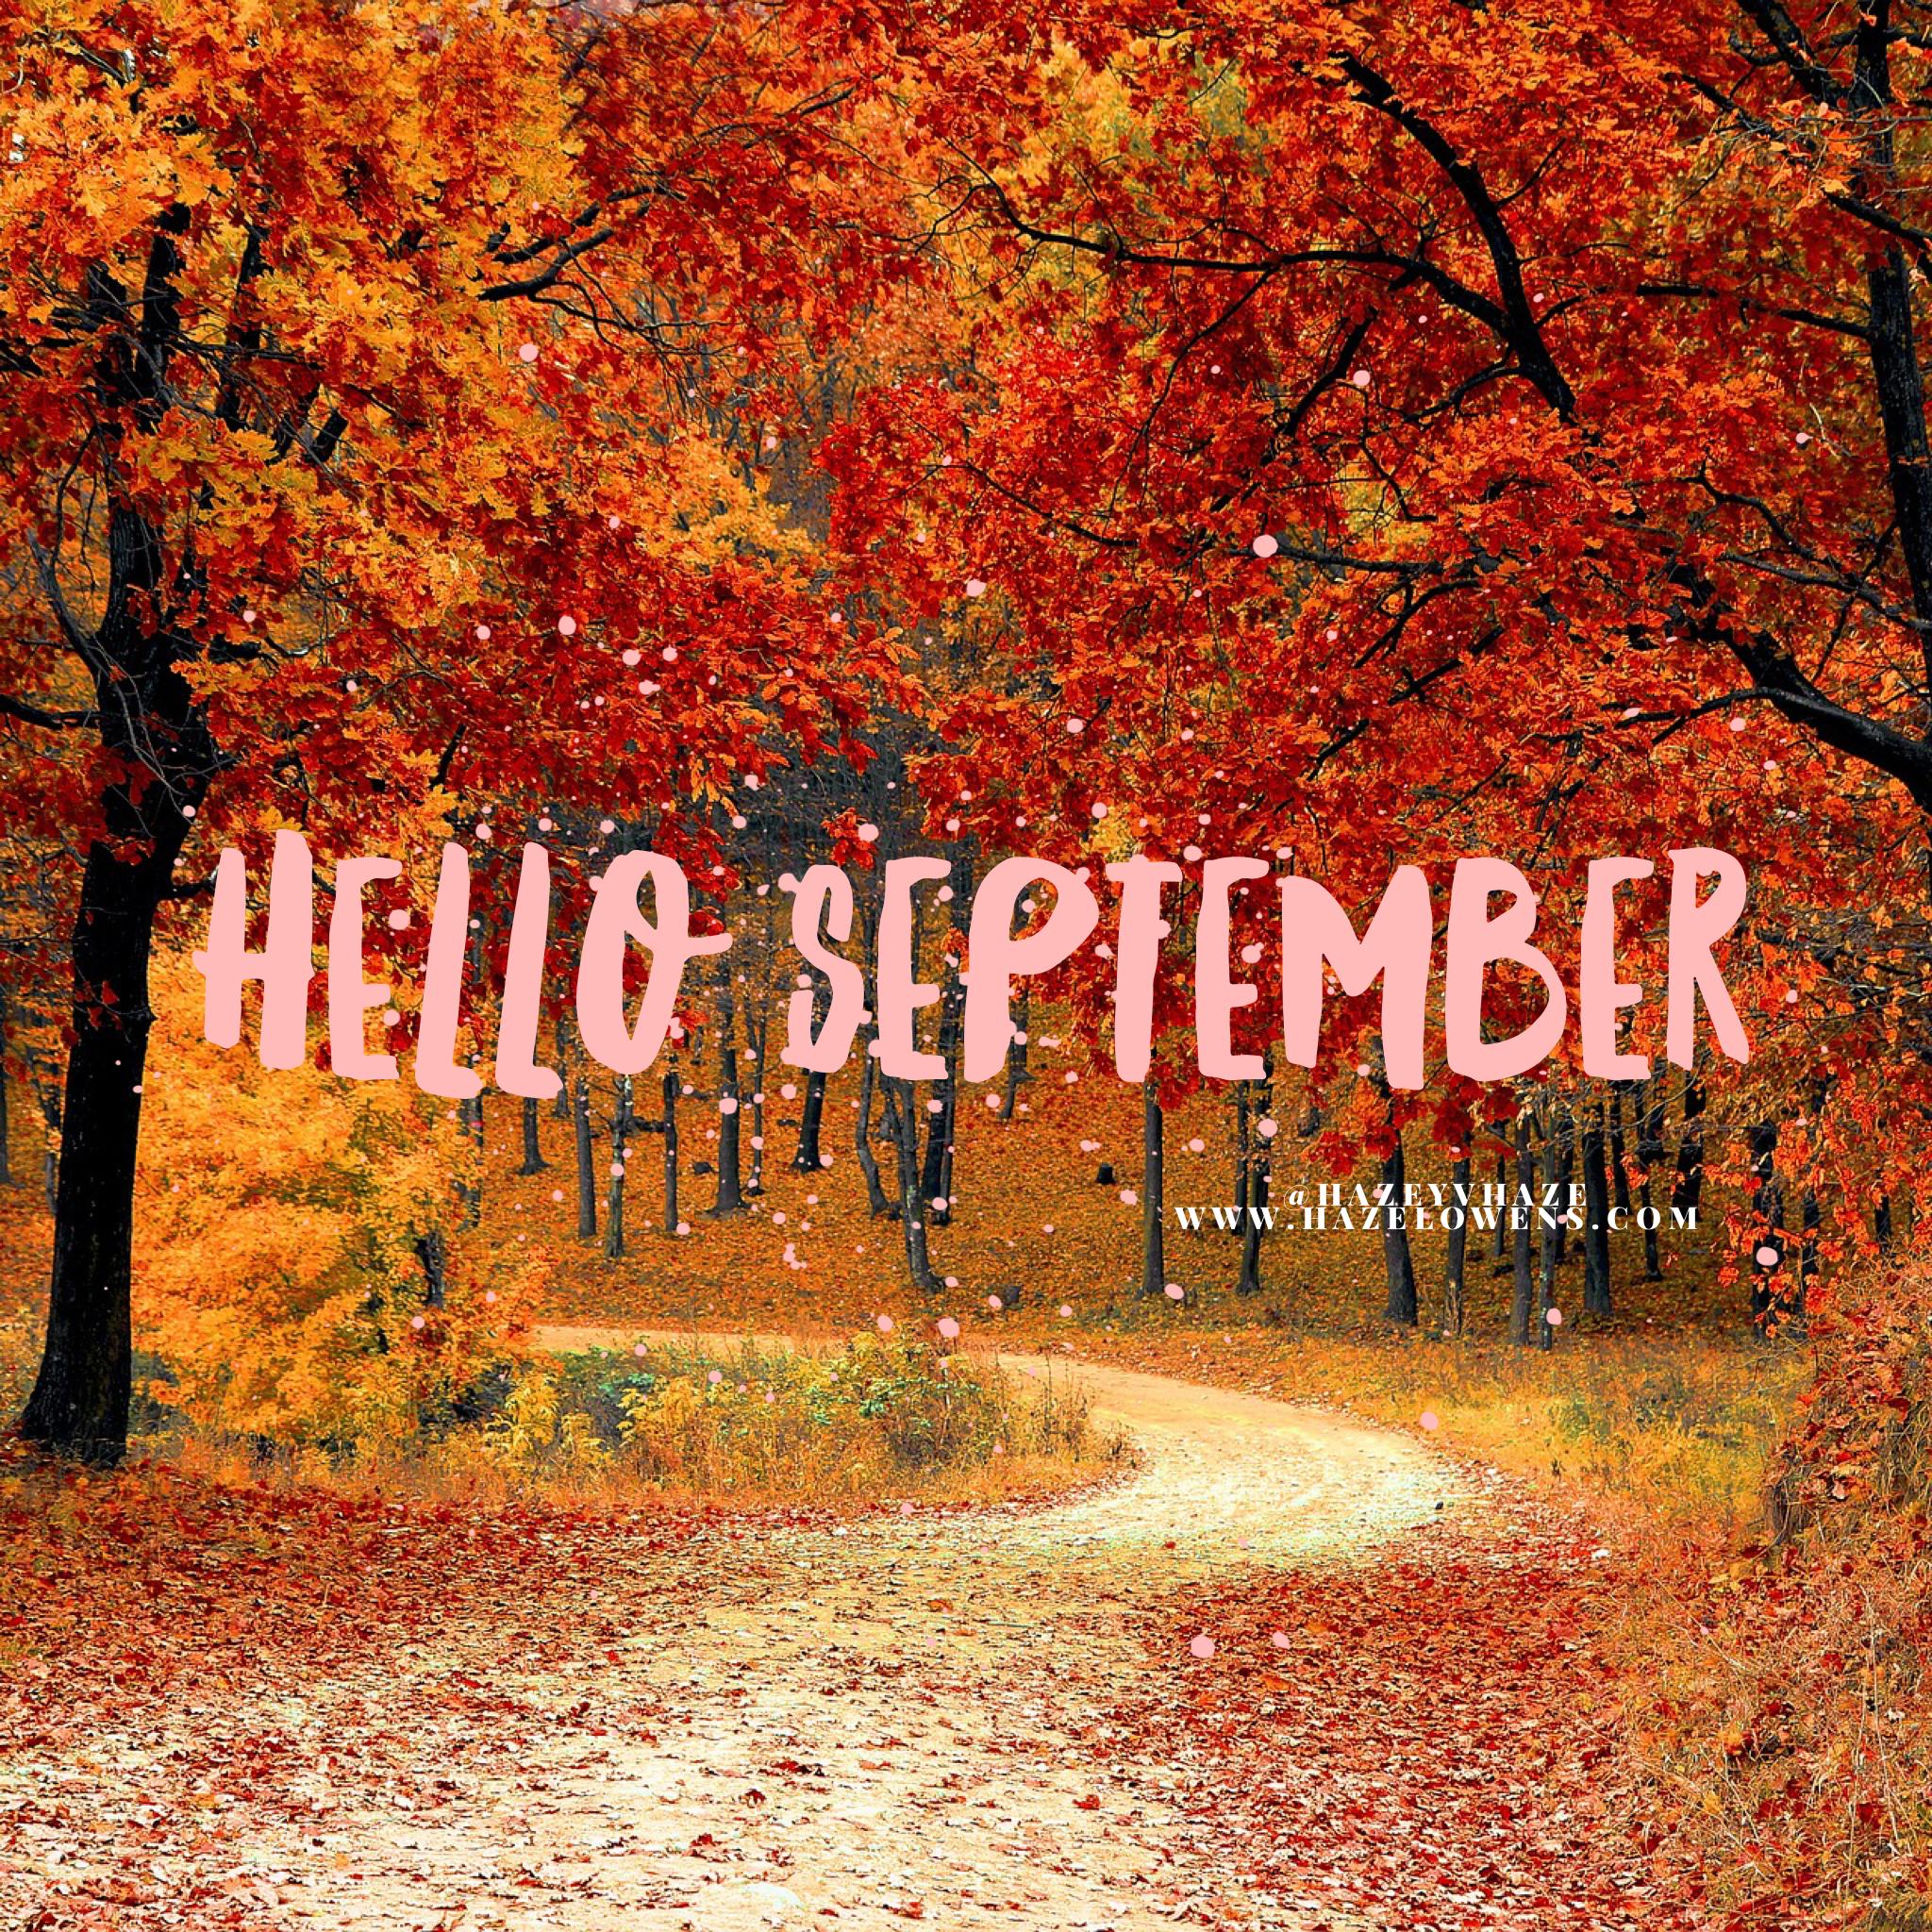 Hello September Photos